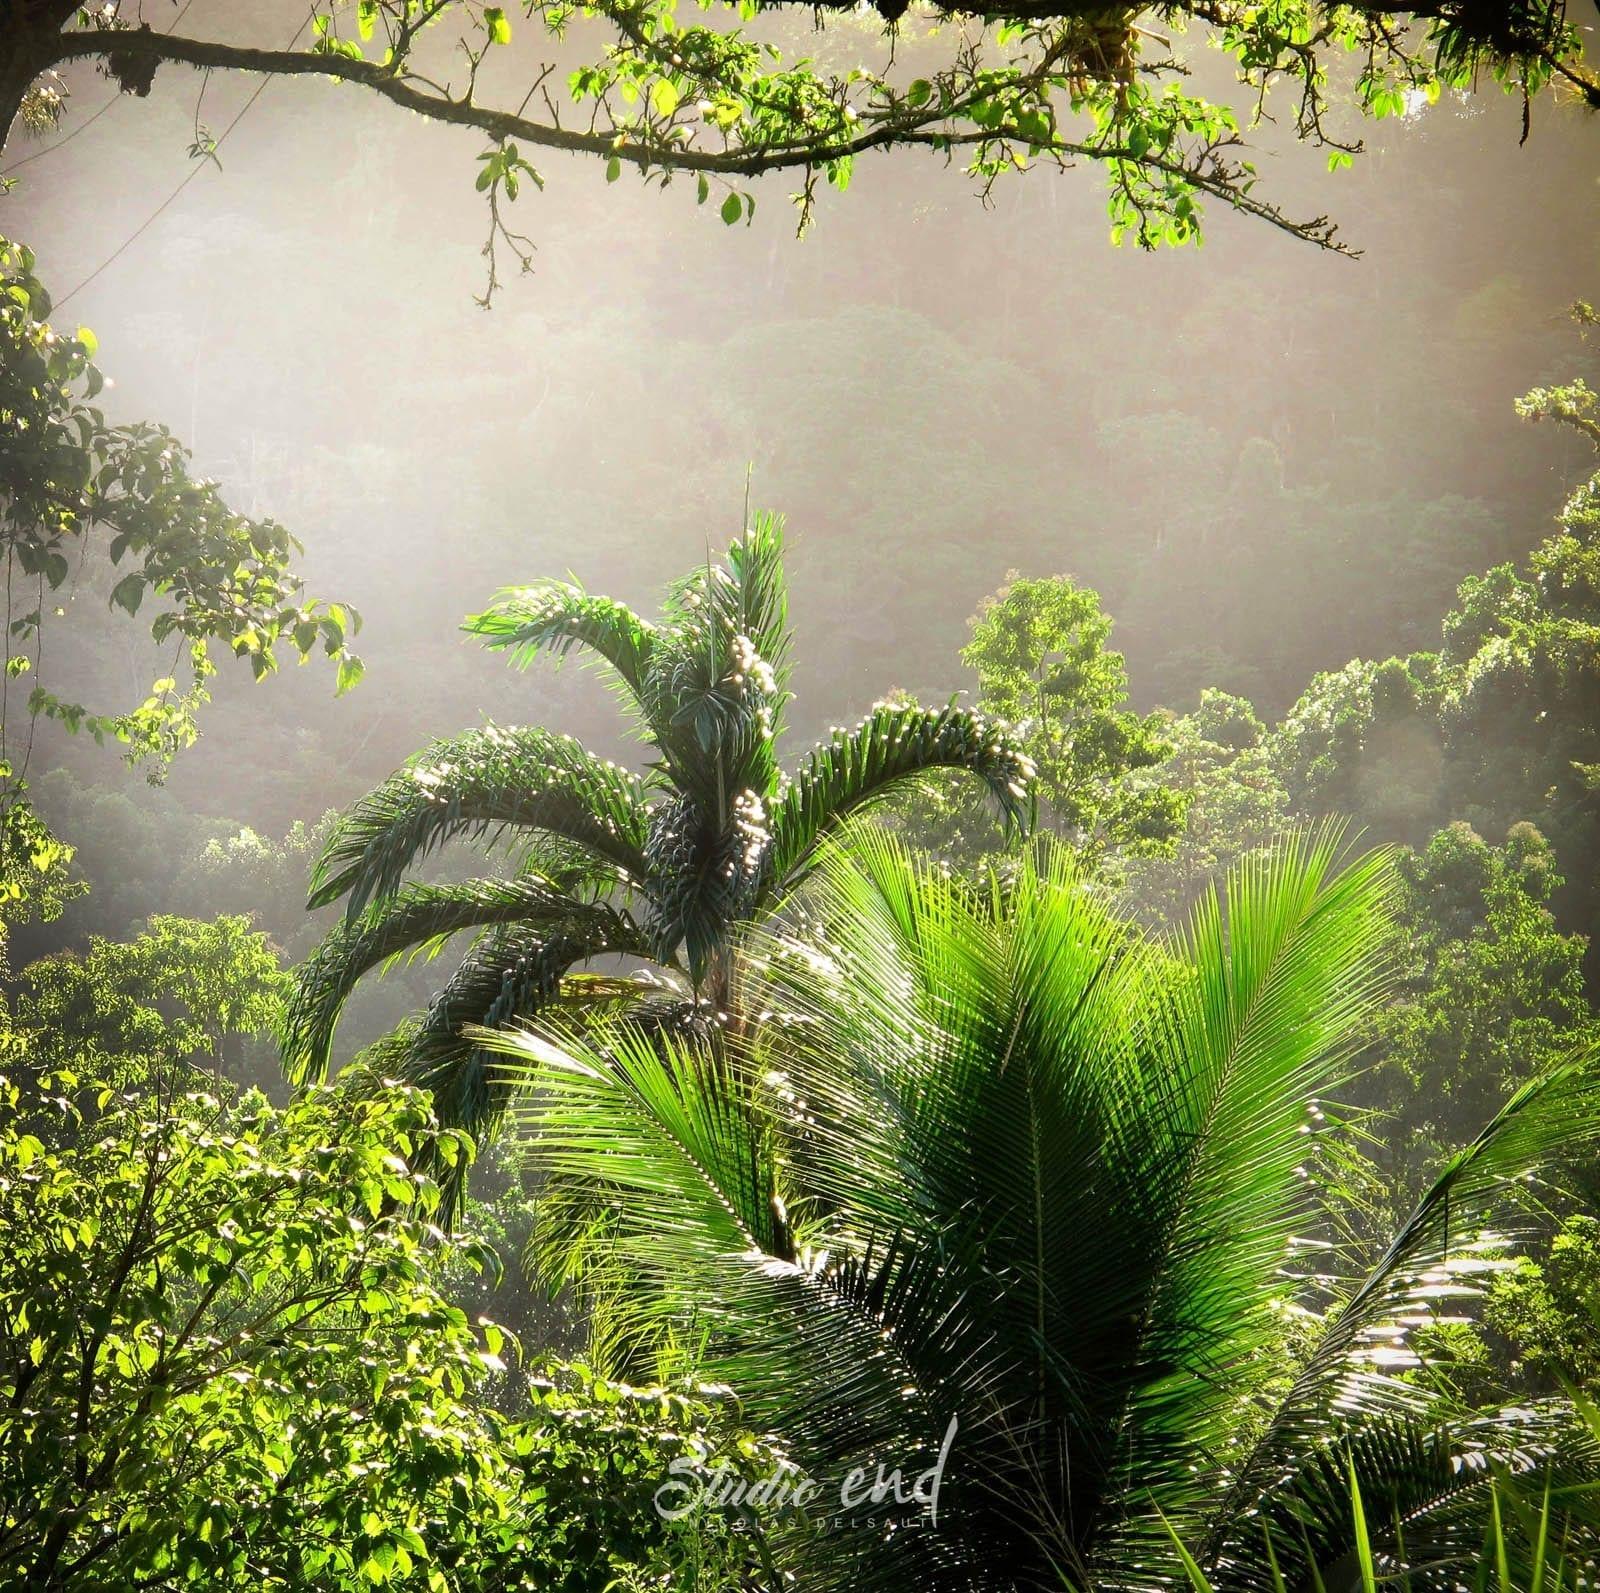 Photographie et reportage de voyage vue tropicale jungle Nicolas Delsaut